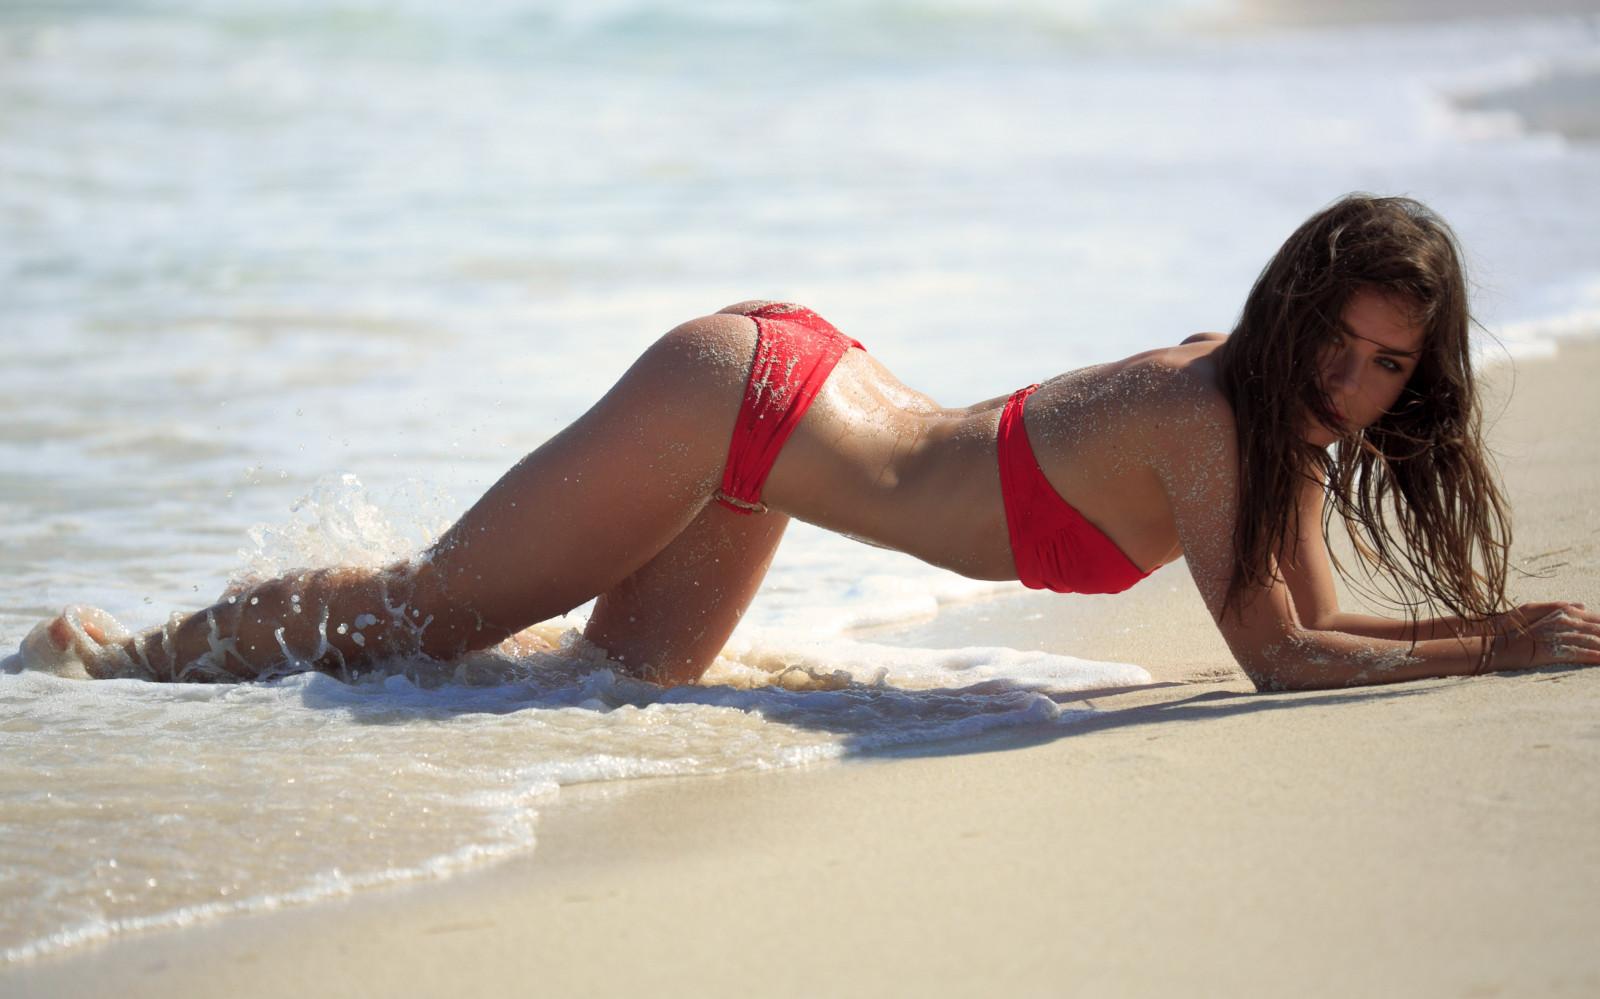 Мокрые девушки на пляже фильм, фотошоп онлайн писек